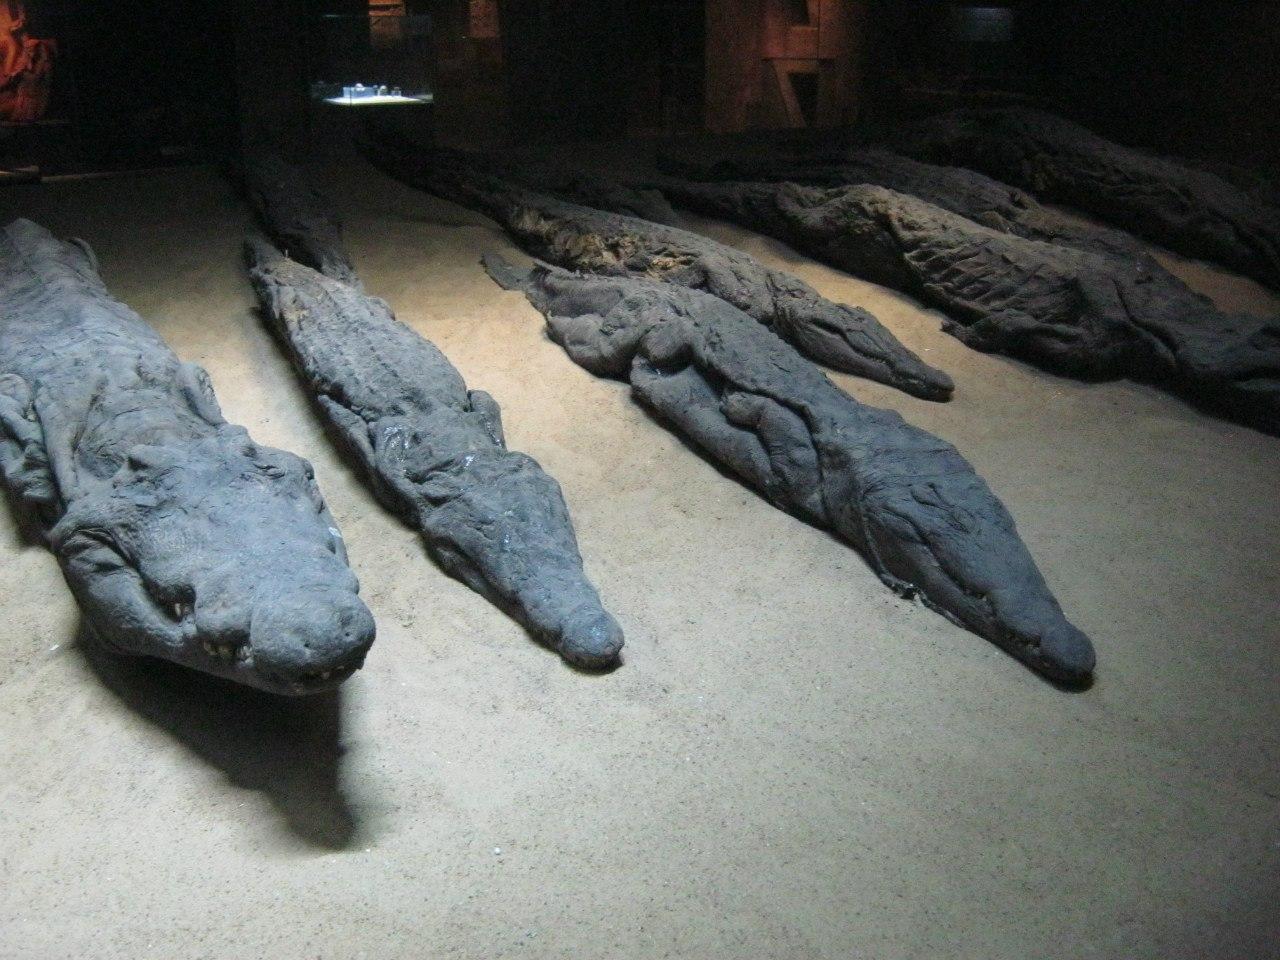 """Мумифицированные крокодилы в """"музее мумификации"""""""